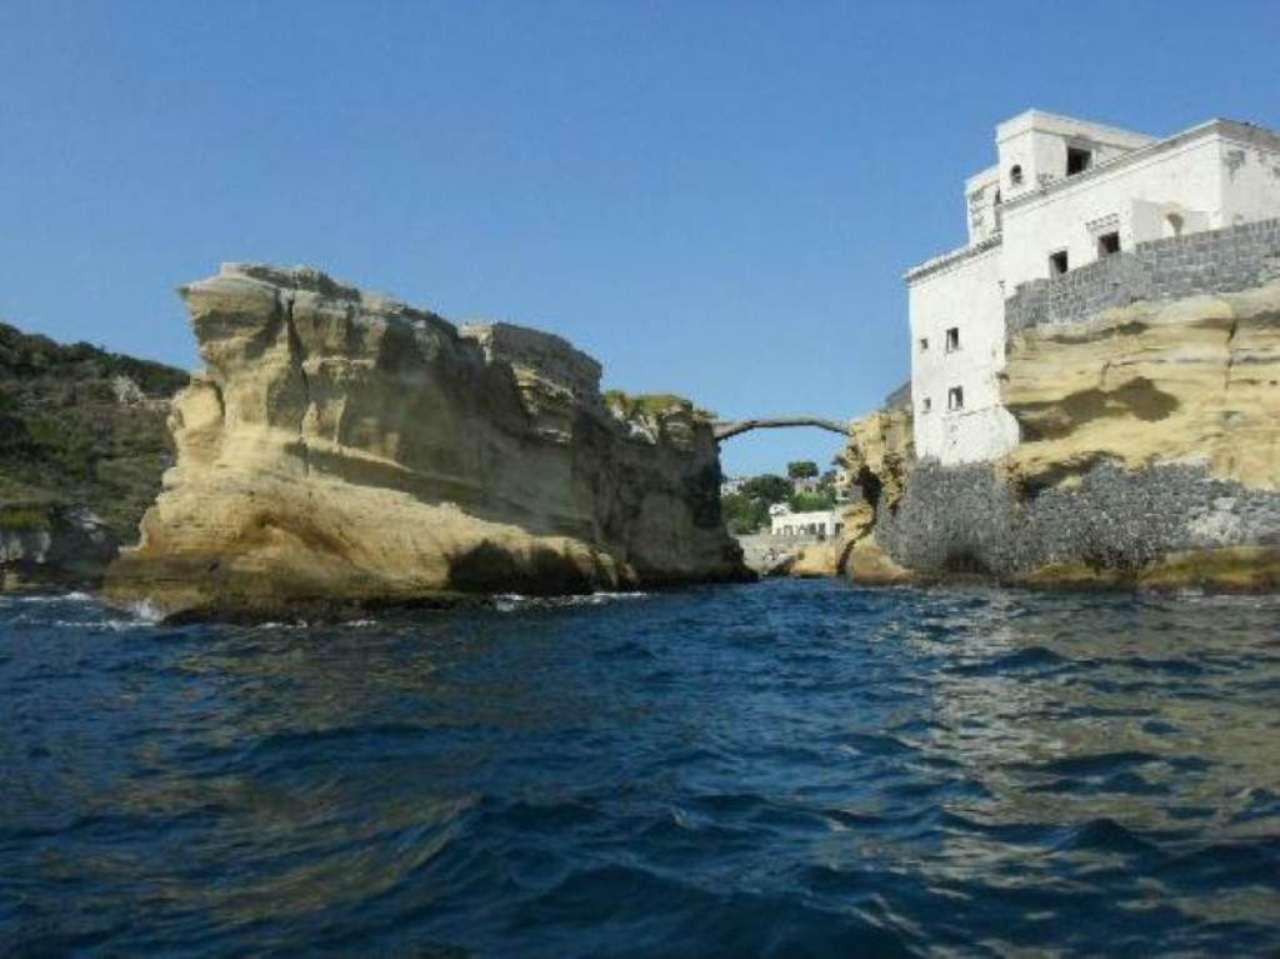 Villa in vendita a Napoli, 9 locali, zona Zona: 1 . Chiaia, Posillipo, San Ferdinando, Trattative riservate | Cambio Casa.it